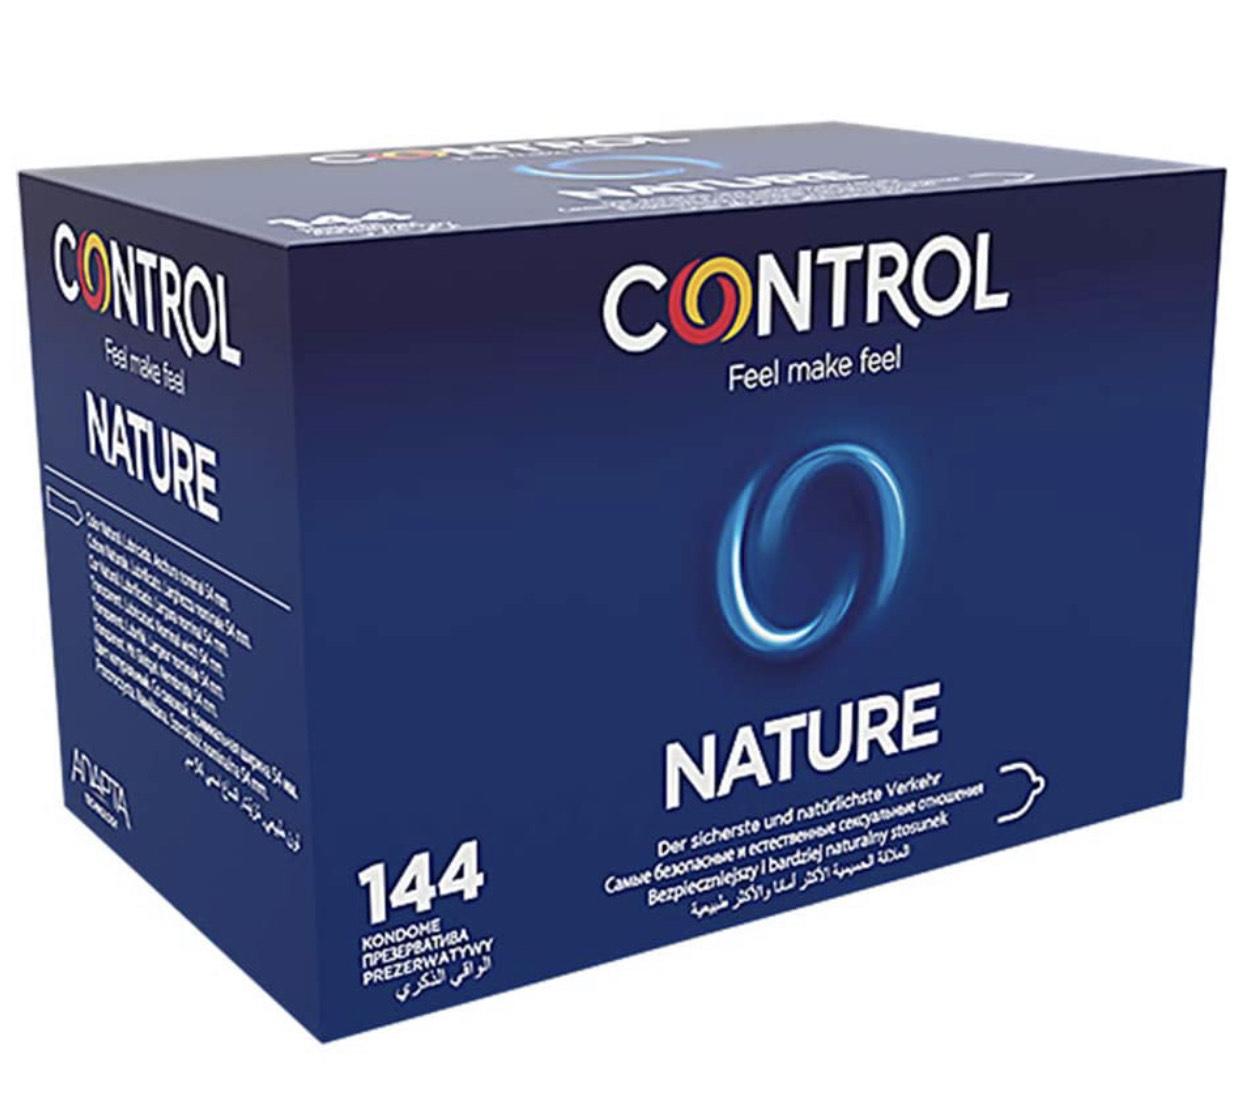 Control Nature Preservativos - Caja de condones con 144 unidades